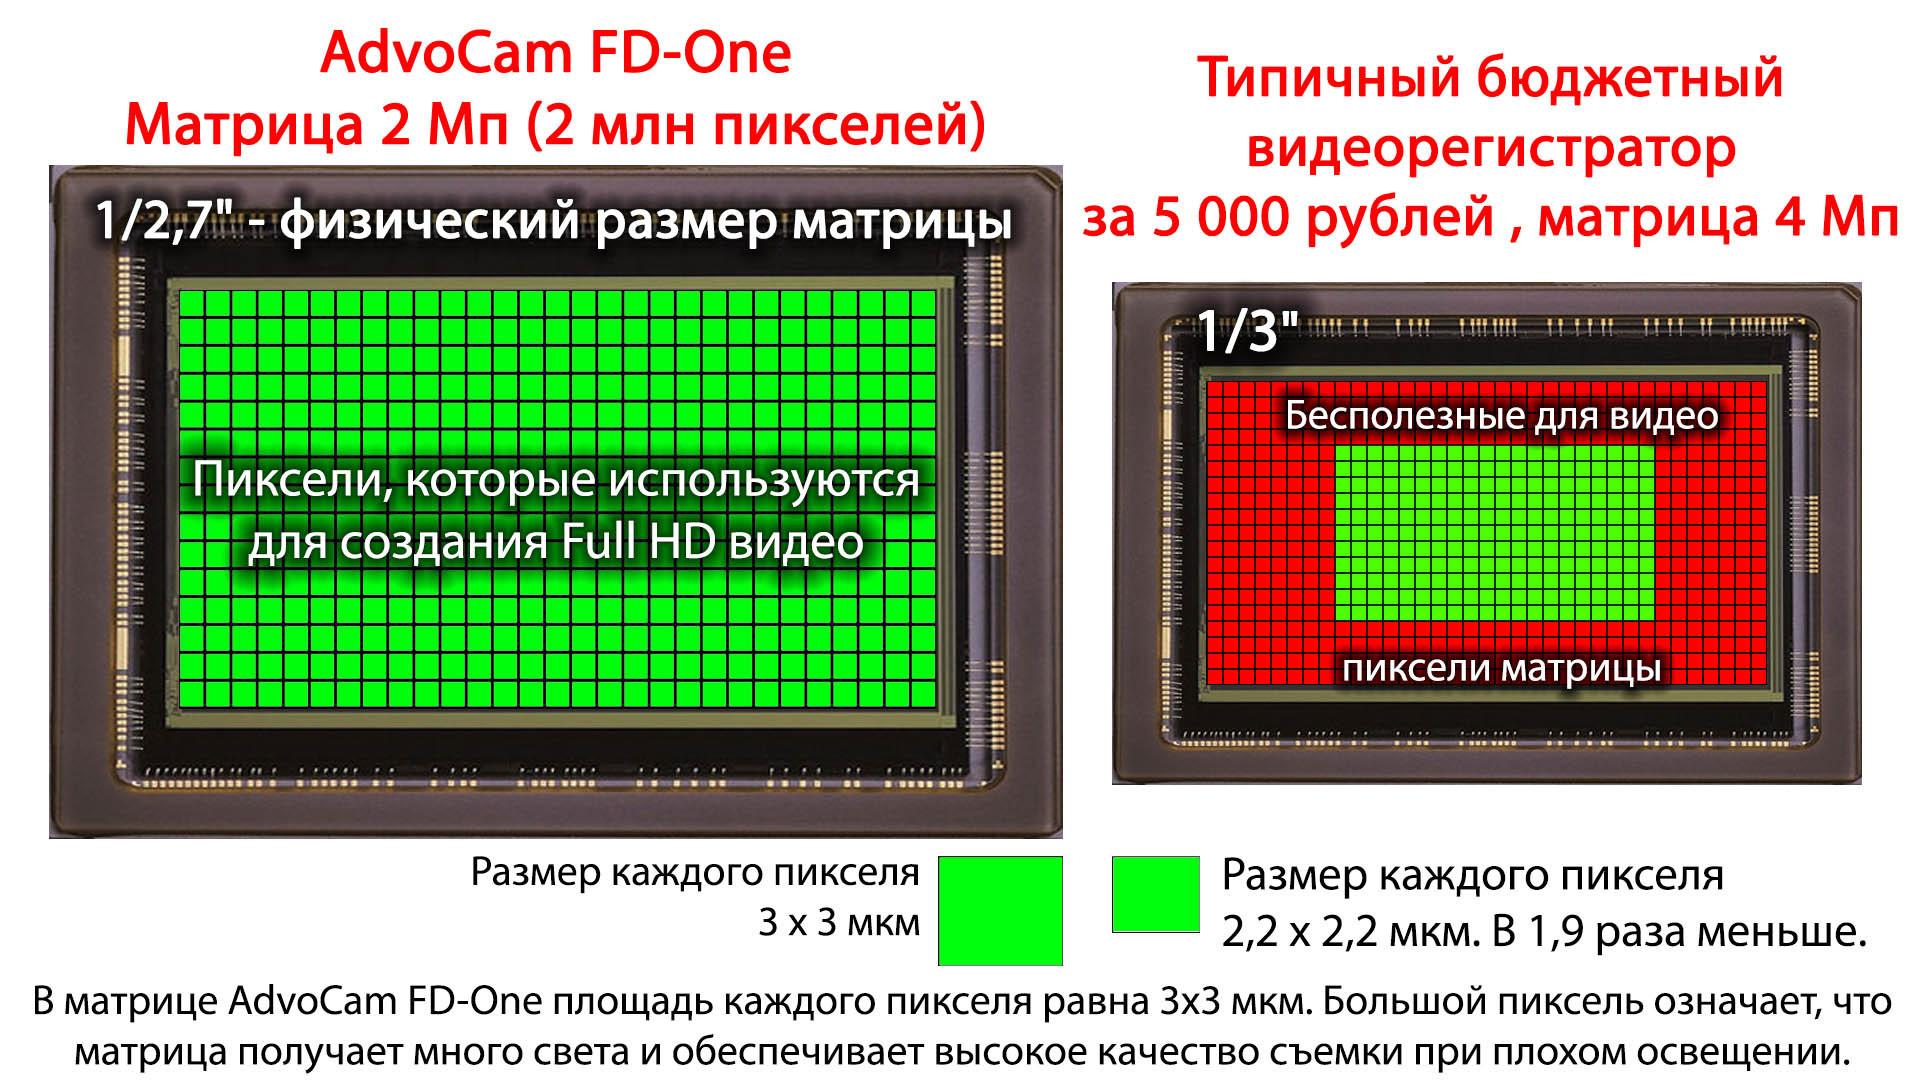 Неизменно в лидерах: сводный обзор русских видеорегистраторов AdvoCam - 5